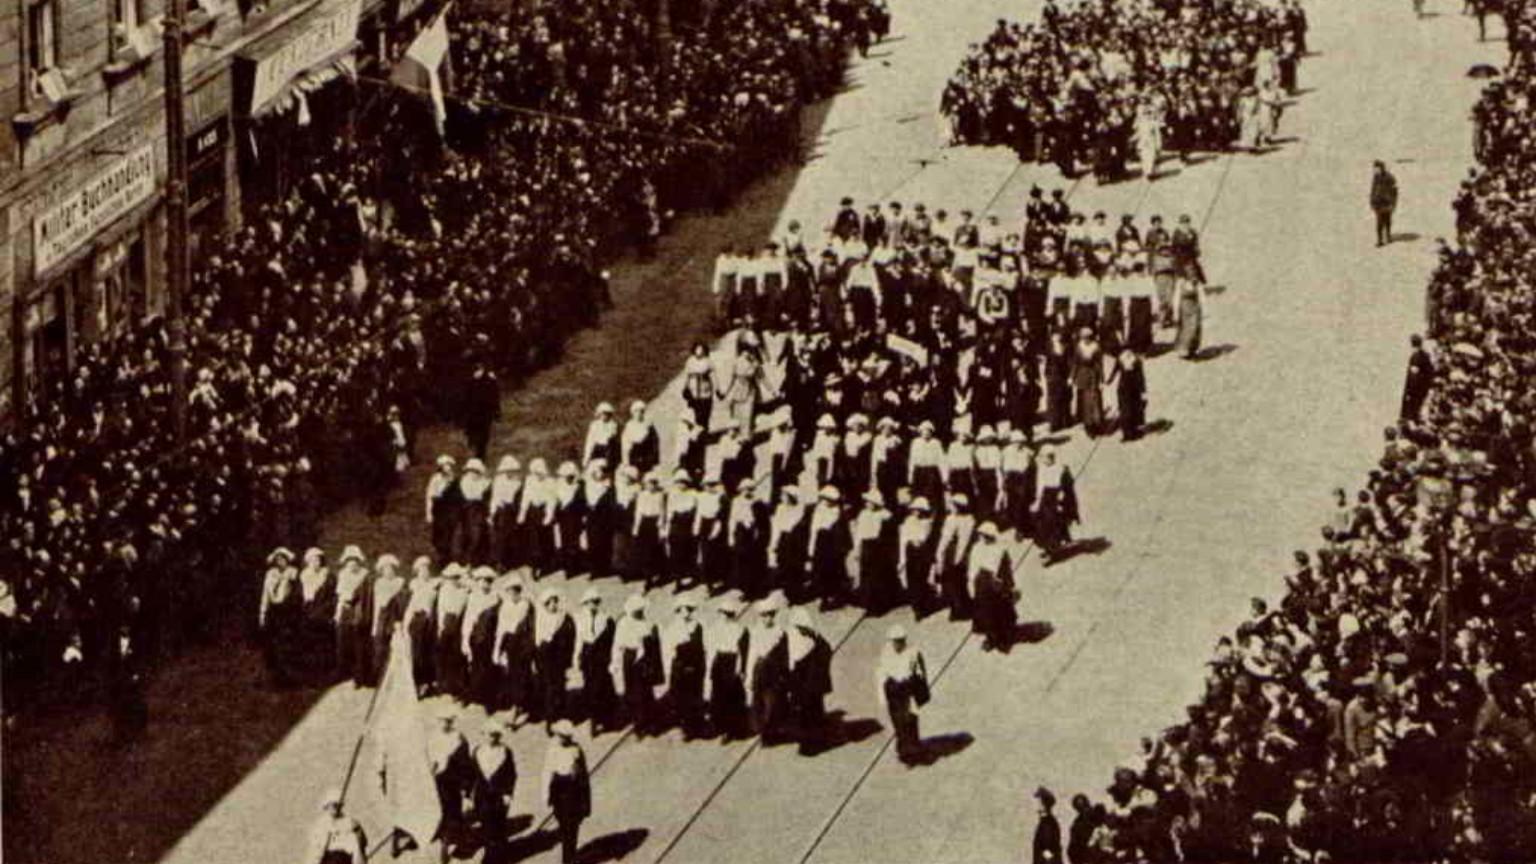 Zdjęcie dla kartki: Uroczyste obchody 125-tej rocznicy uchwalenia Konstytucji 3 Maja